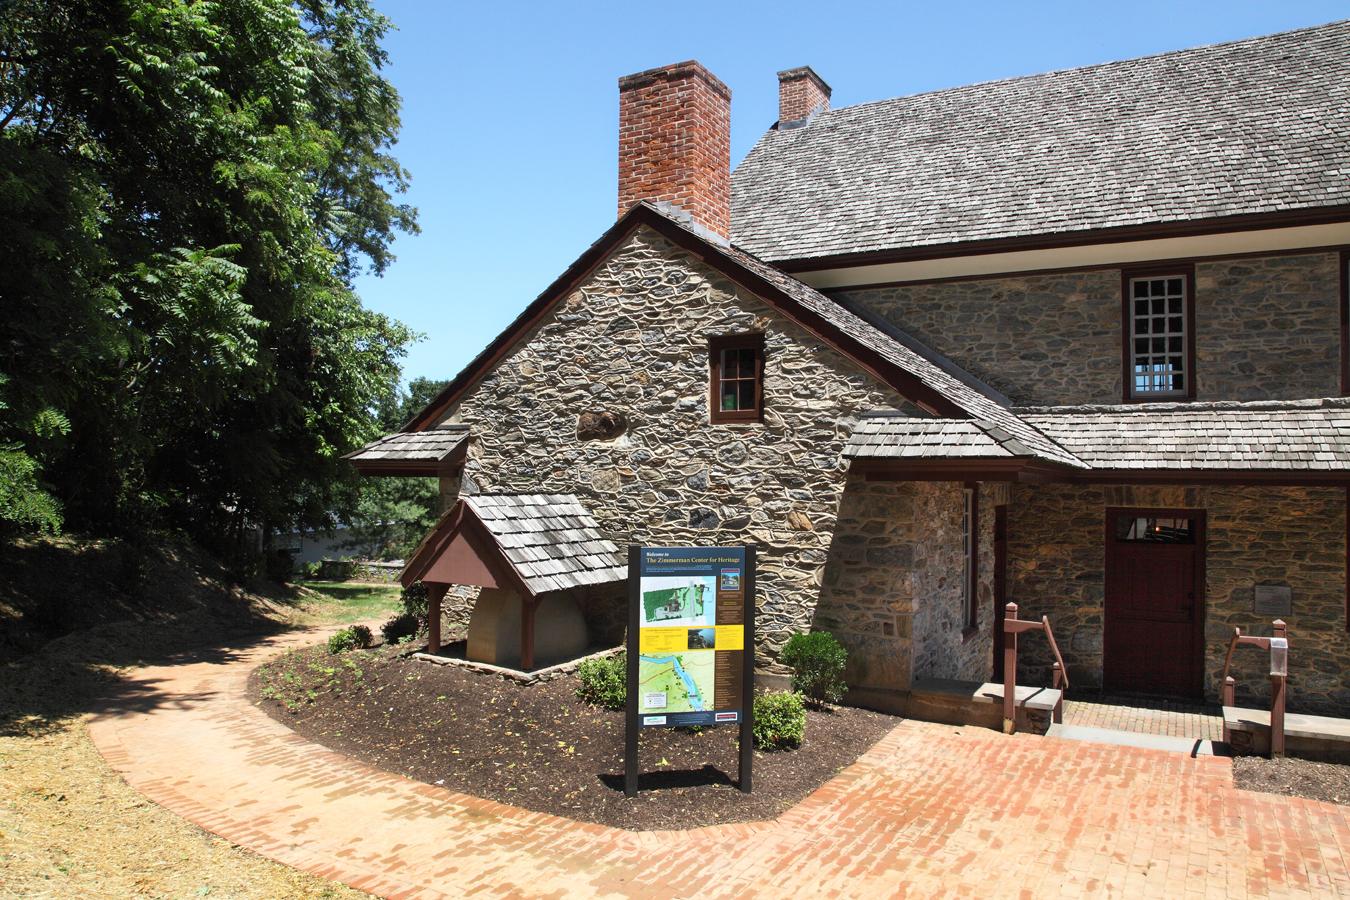 06_Zimmerman Center for Heritage.jpg